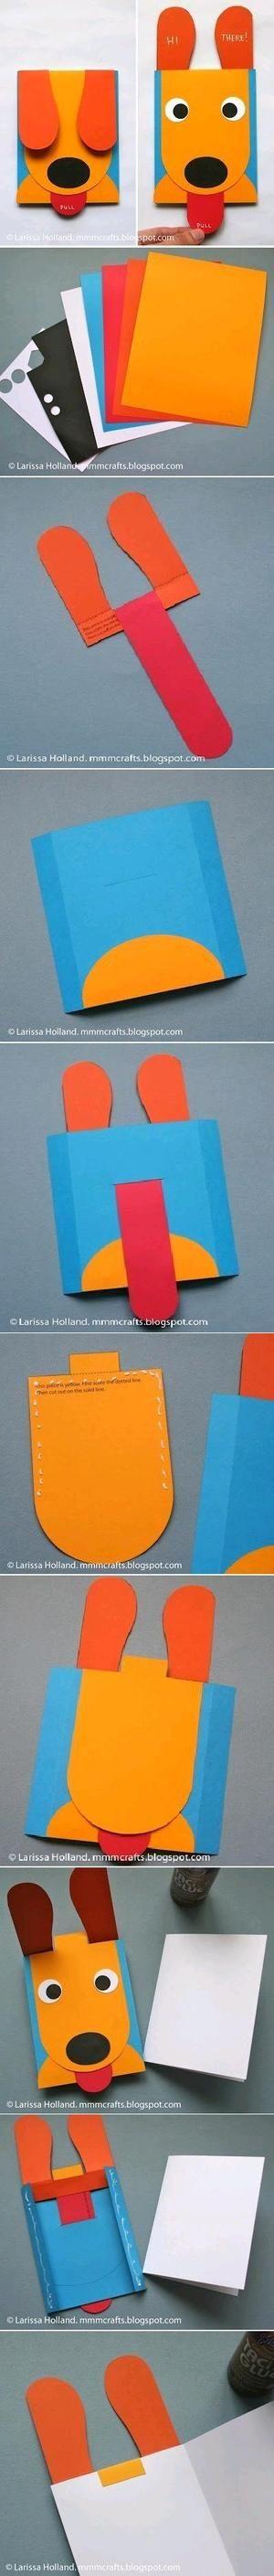 Bekijk de foto van diyforever met als titel diy, tutorial, how to, instructions en andere inspirerende plaatjes op Welke.nl.